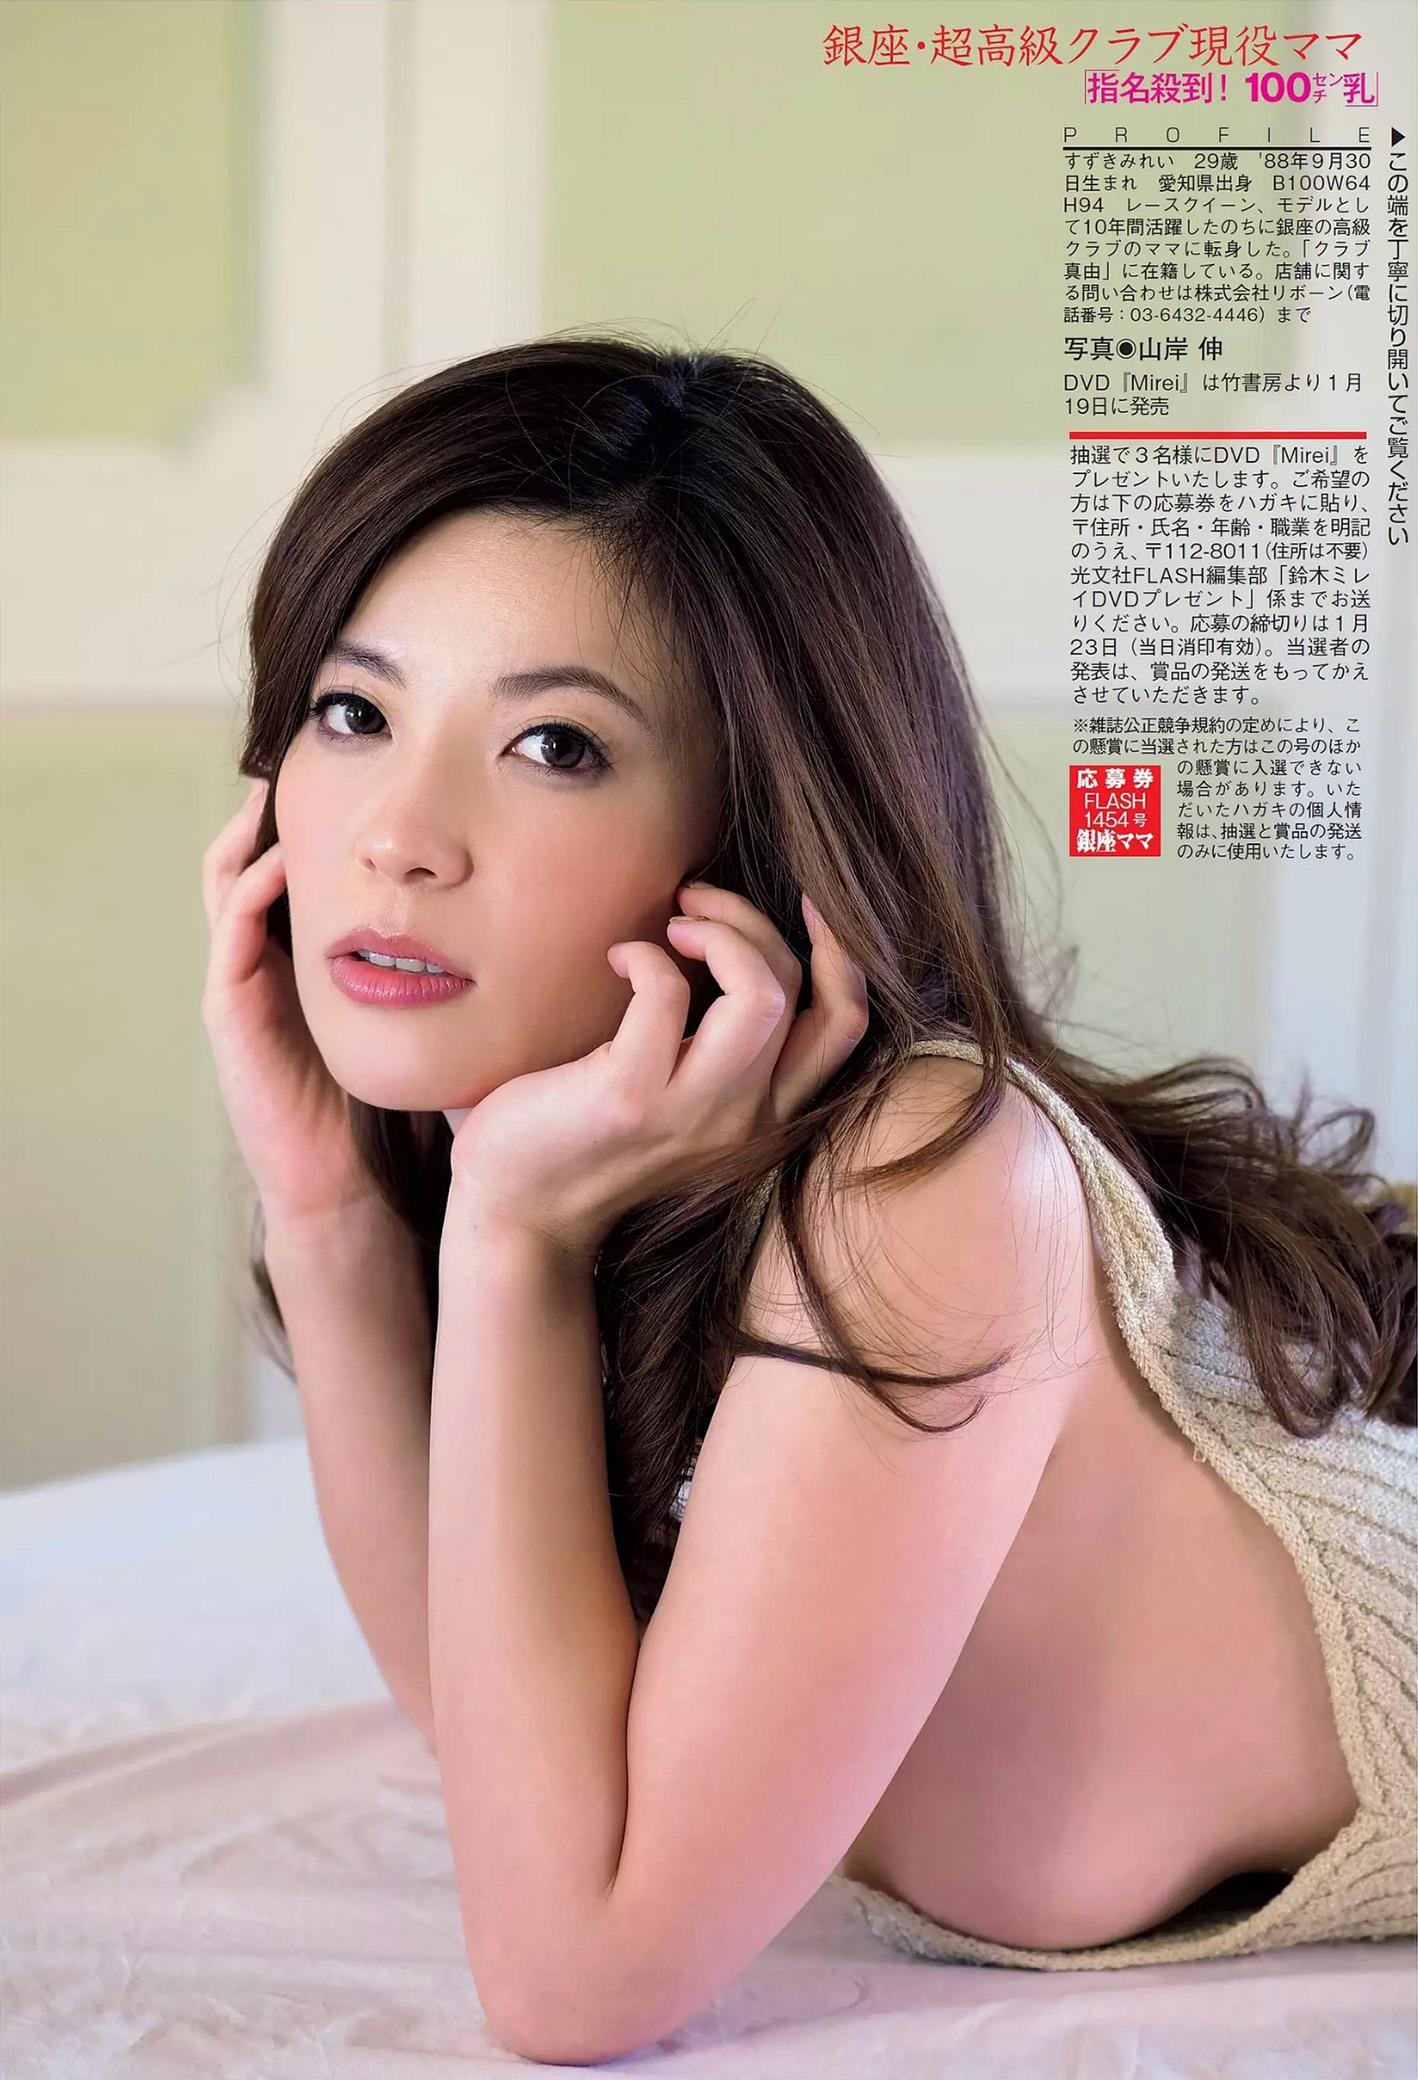 鈴木ミレイ(29)銀座の現役ママの爆乳ヌードグラビア画像50枚・5枚目の画像